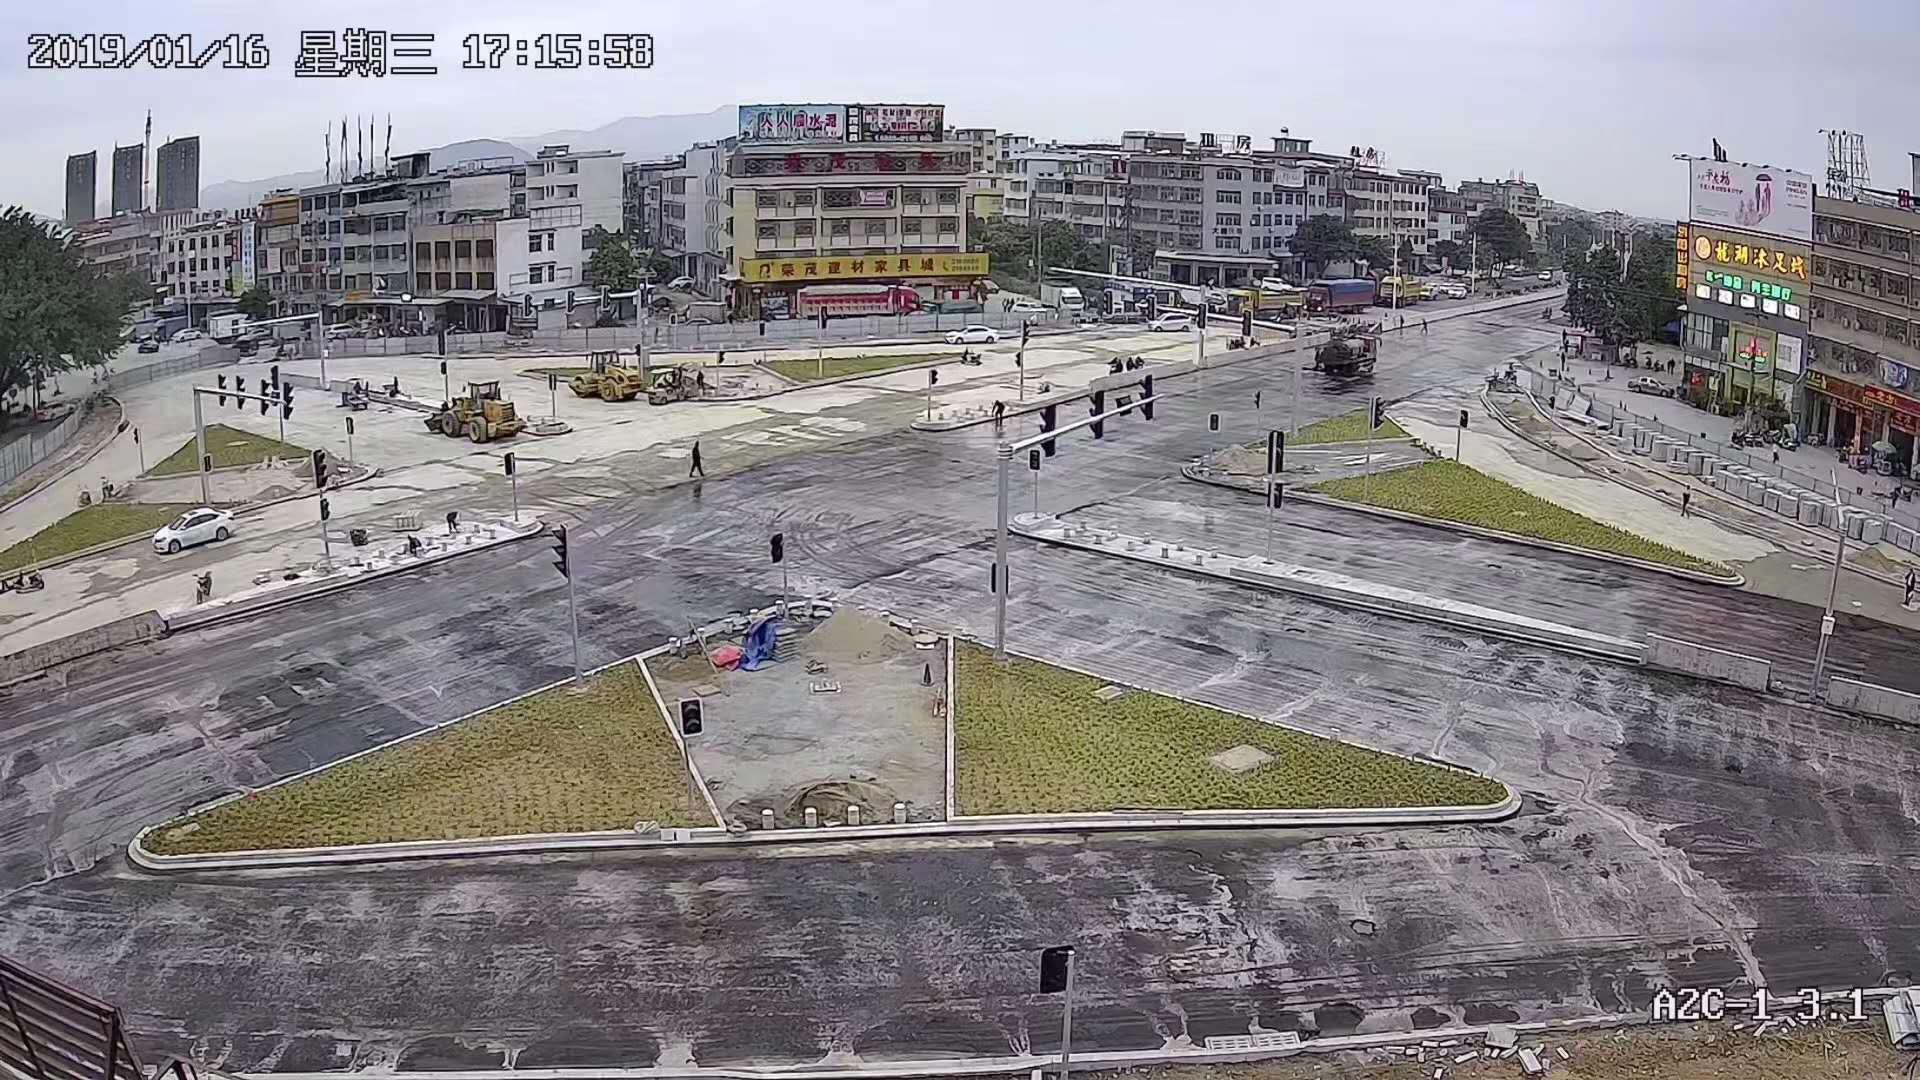 道路监控摄像头